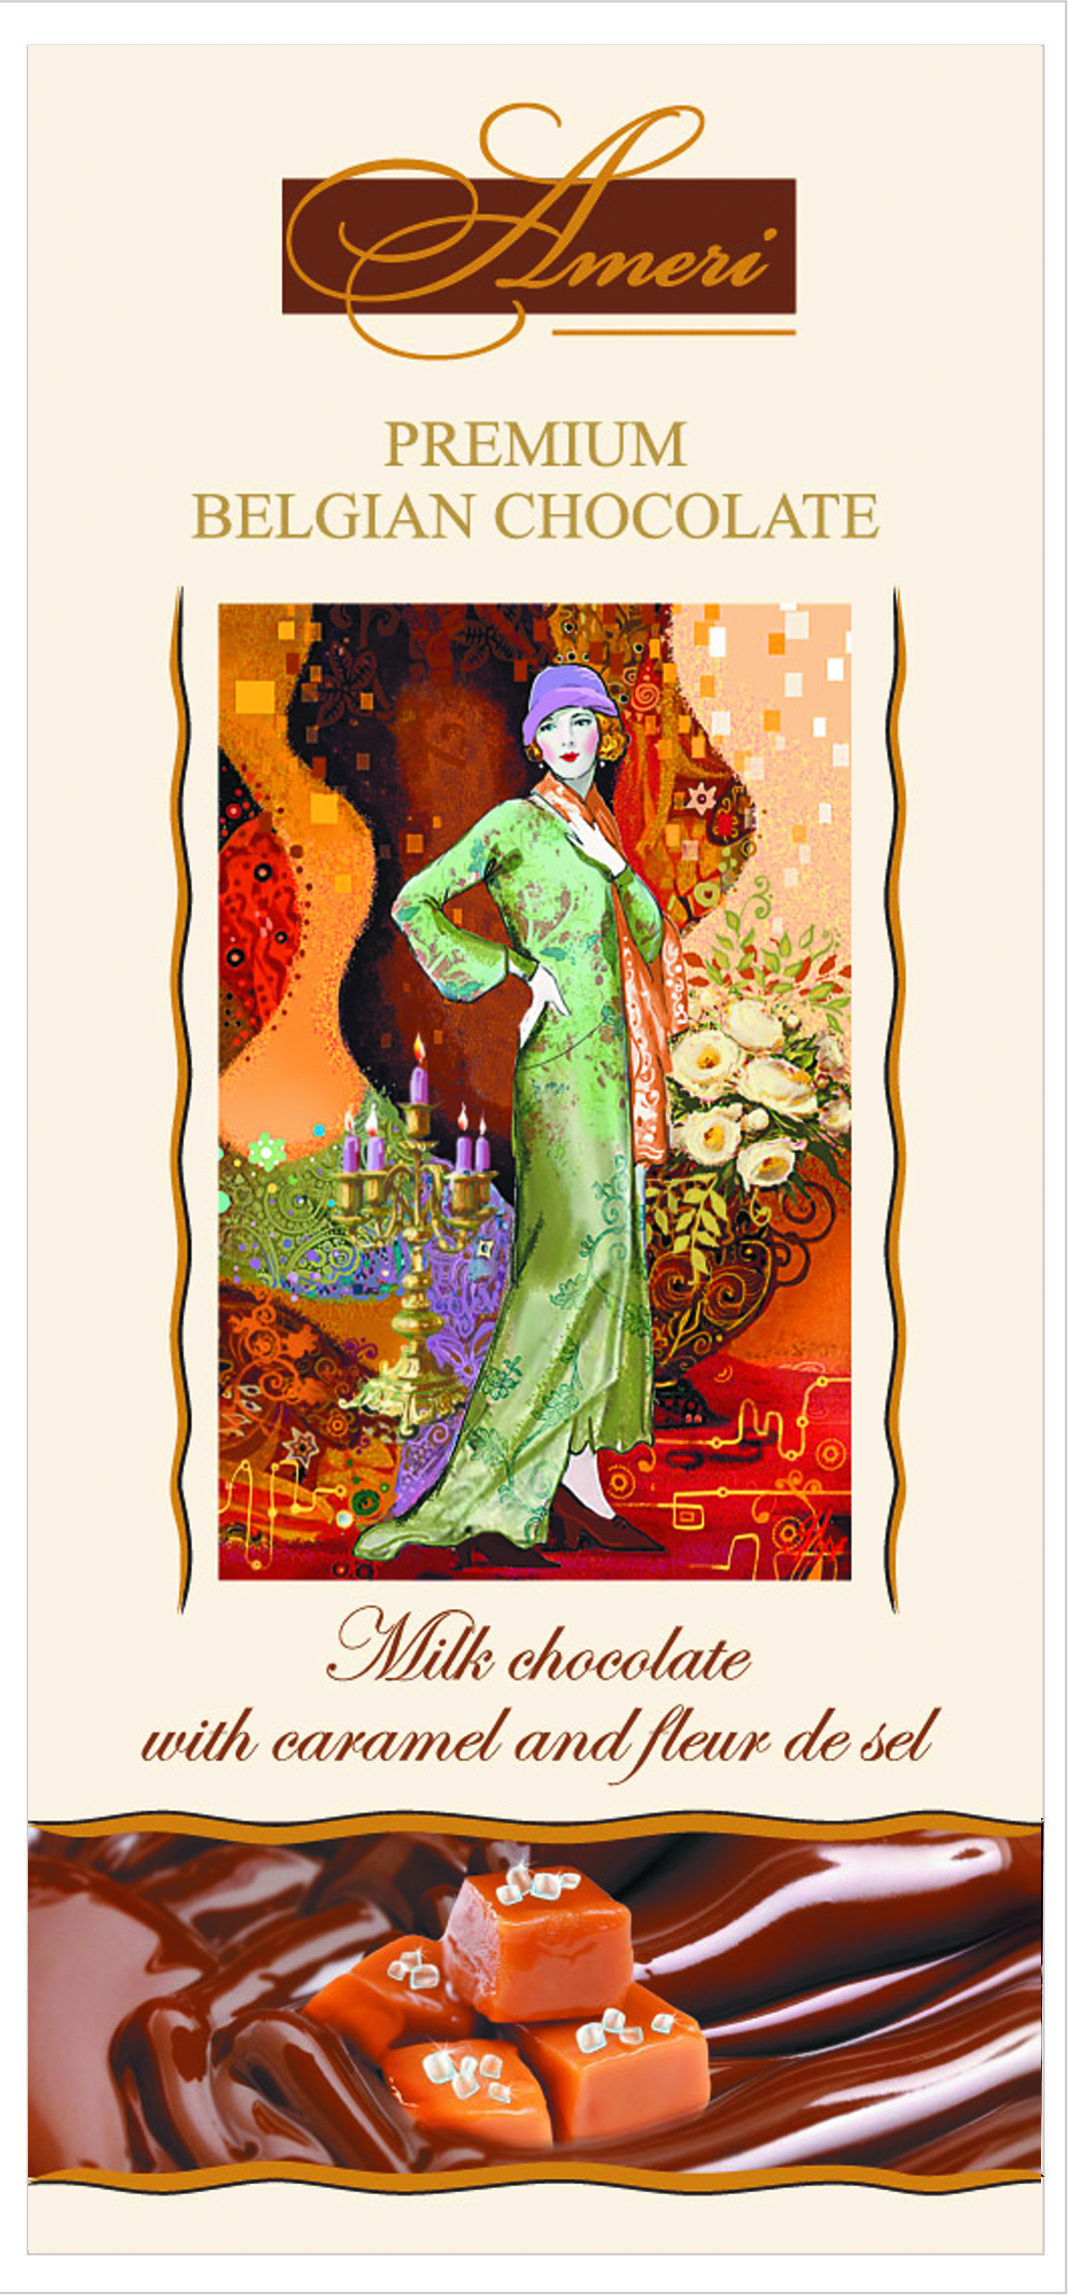 Ameri Молочный шоколад с карамелью и морской солью, 100 г0910108/2Торговая марка Амери, производящая изысканный сладкий ассортимент, знакома всем любителям темного шоколада. Все гурманы десертов и убежденные сладкоежки знают и любят продукцию Амери. Кондитерская фабрика создает шоколад, который можно по праву отнести к продукции премиального сегмента. Настоящие шоколадки от Амери не только вкусные, но также очень красивые. Выглядят настолько привлекательно, что достойны украсить роскошный праздничный стол. Рецептуры, по которым производятся эти сладости - уникальна. Каждый рецепт разрабатывается силами своих технологов и может служить визитной карточкой кондитерского предприятия. С большим вниманием сотрудники компании относятся к разработке вкусов. Основываясь на изучении потребительских предпочтений и последних тенденциях сладкого рынка, они создают новые продукты, в которых удачно сочетаются инновации и традиции. Поэтомупотребителю каждый раз приятно и интересно, когда он разворачивает шоколадку от Амери.